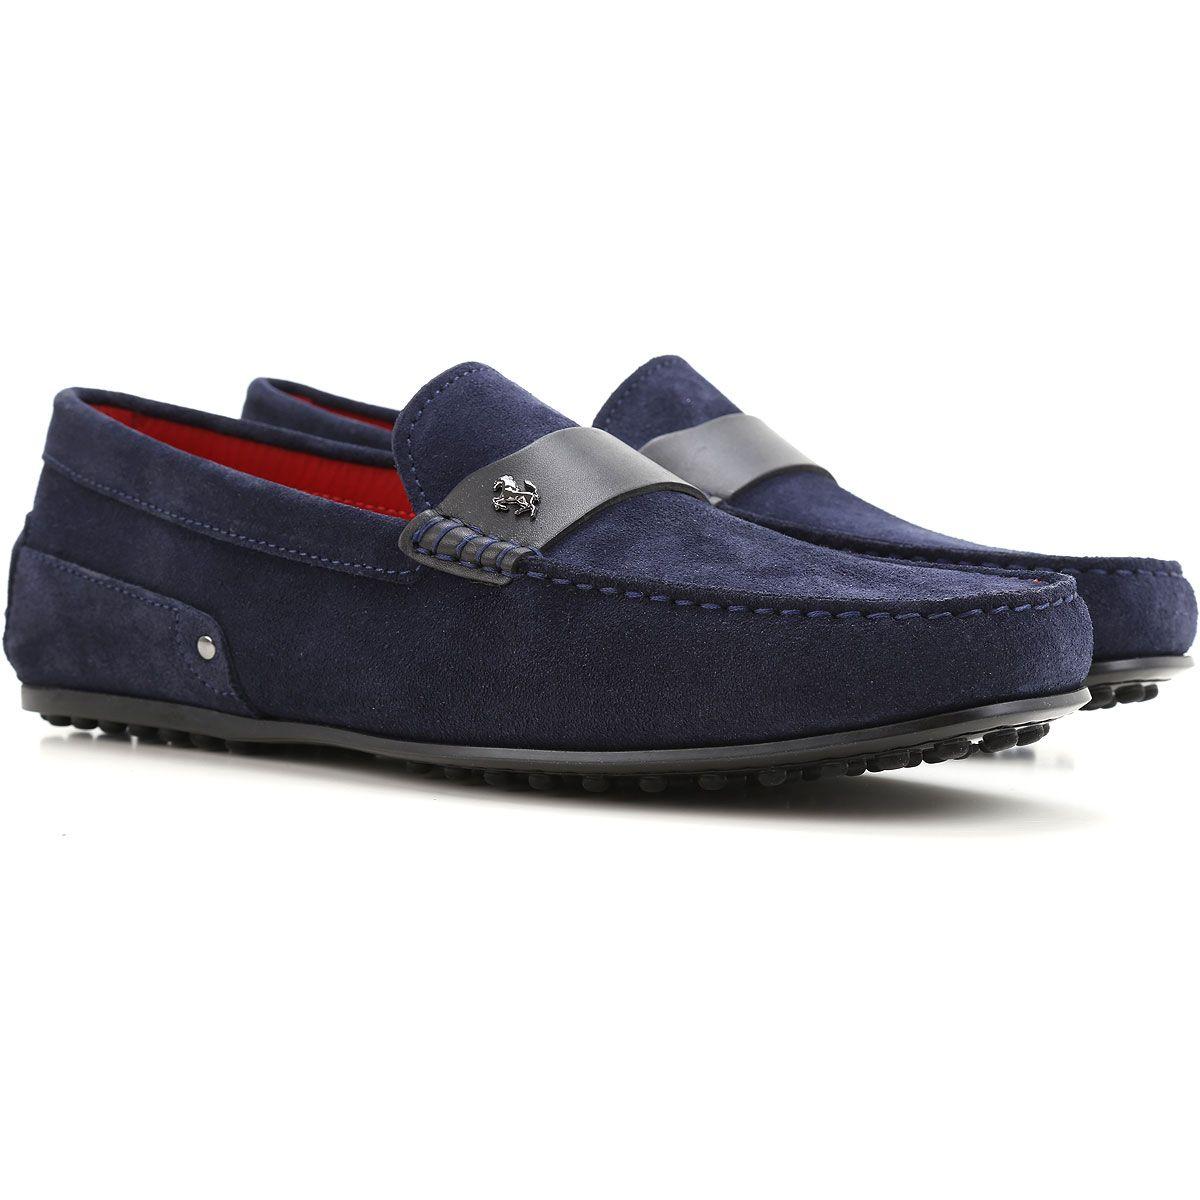 código promocional d18e8 d0d97 Pin en zapatos para hombre